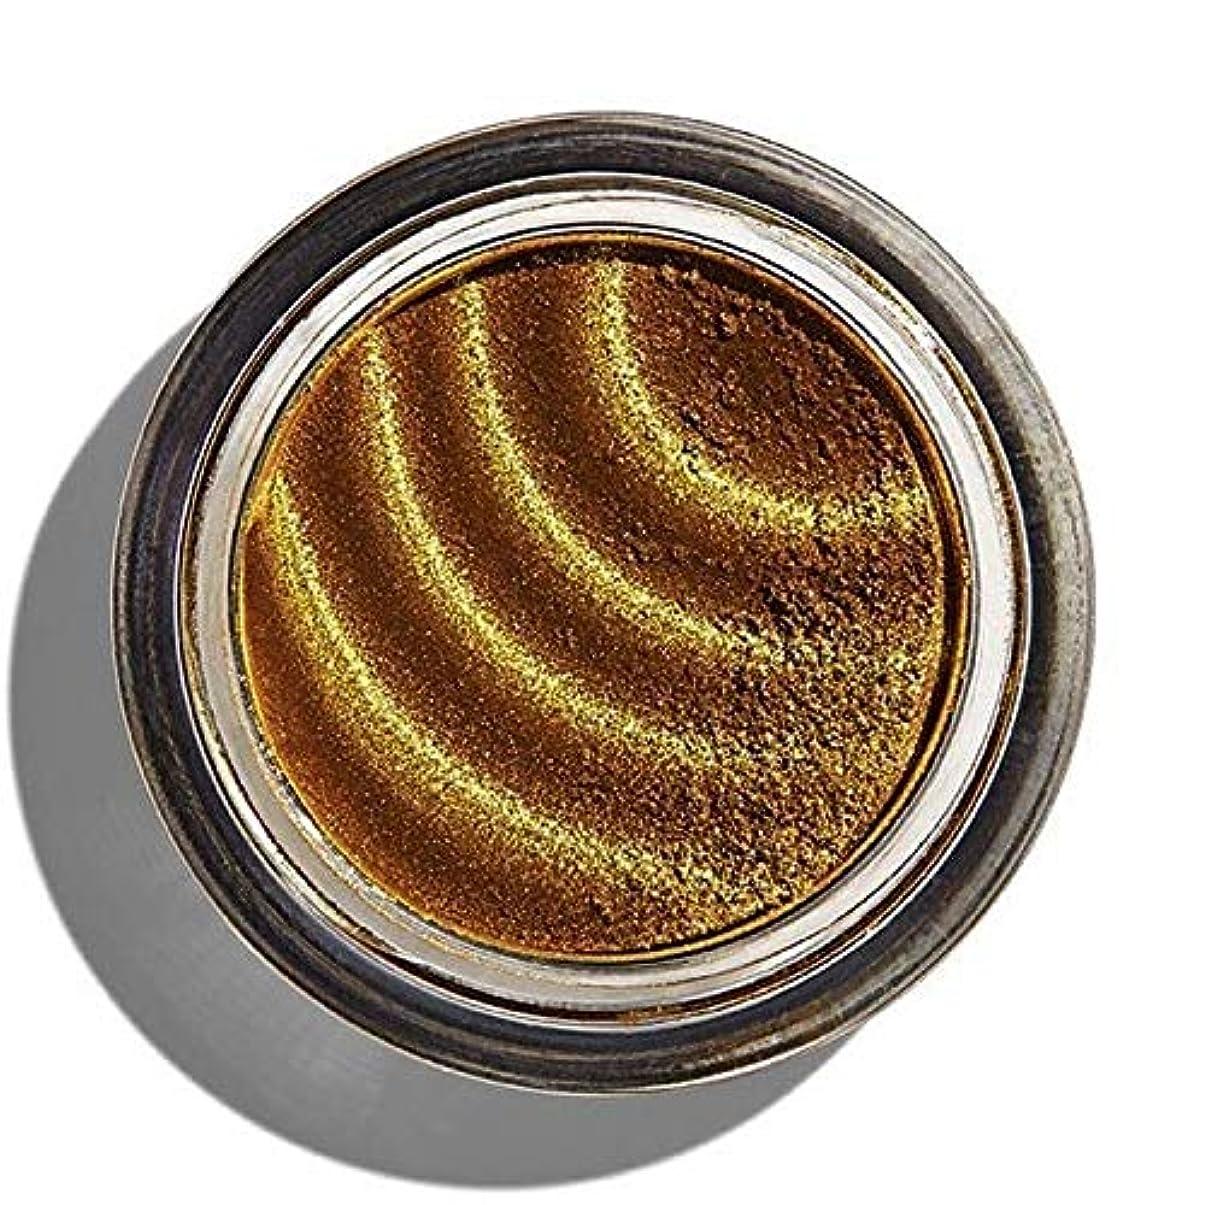 悲観主義者シーズン革命[Revolution ] 化粧革命磁化のアイシャドウゴールド - Makeup Revolution Magnetize Eyeshadow Gold [並行輸入品]